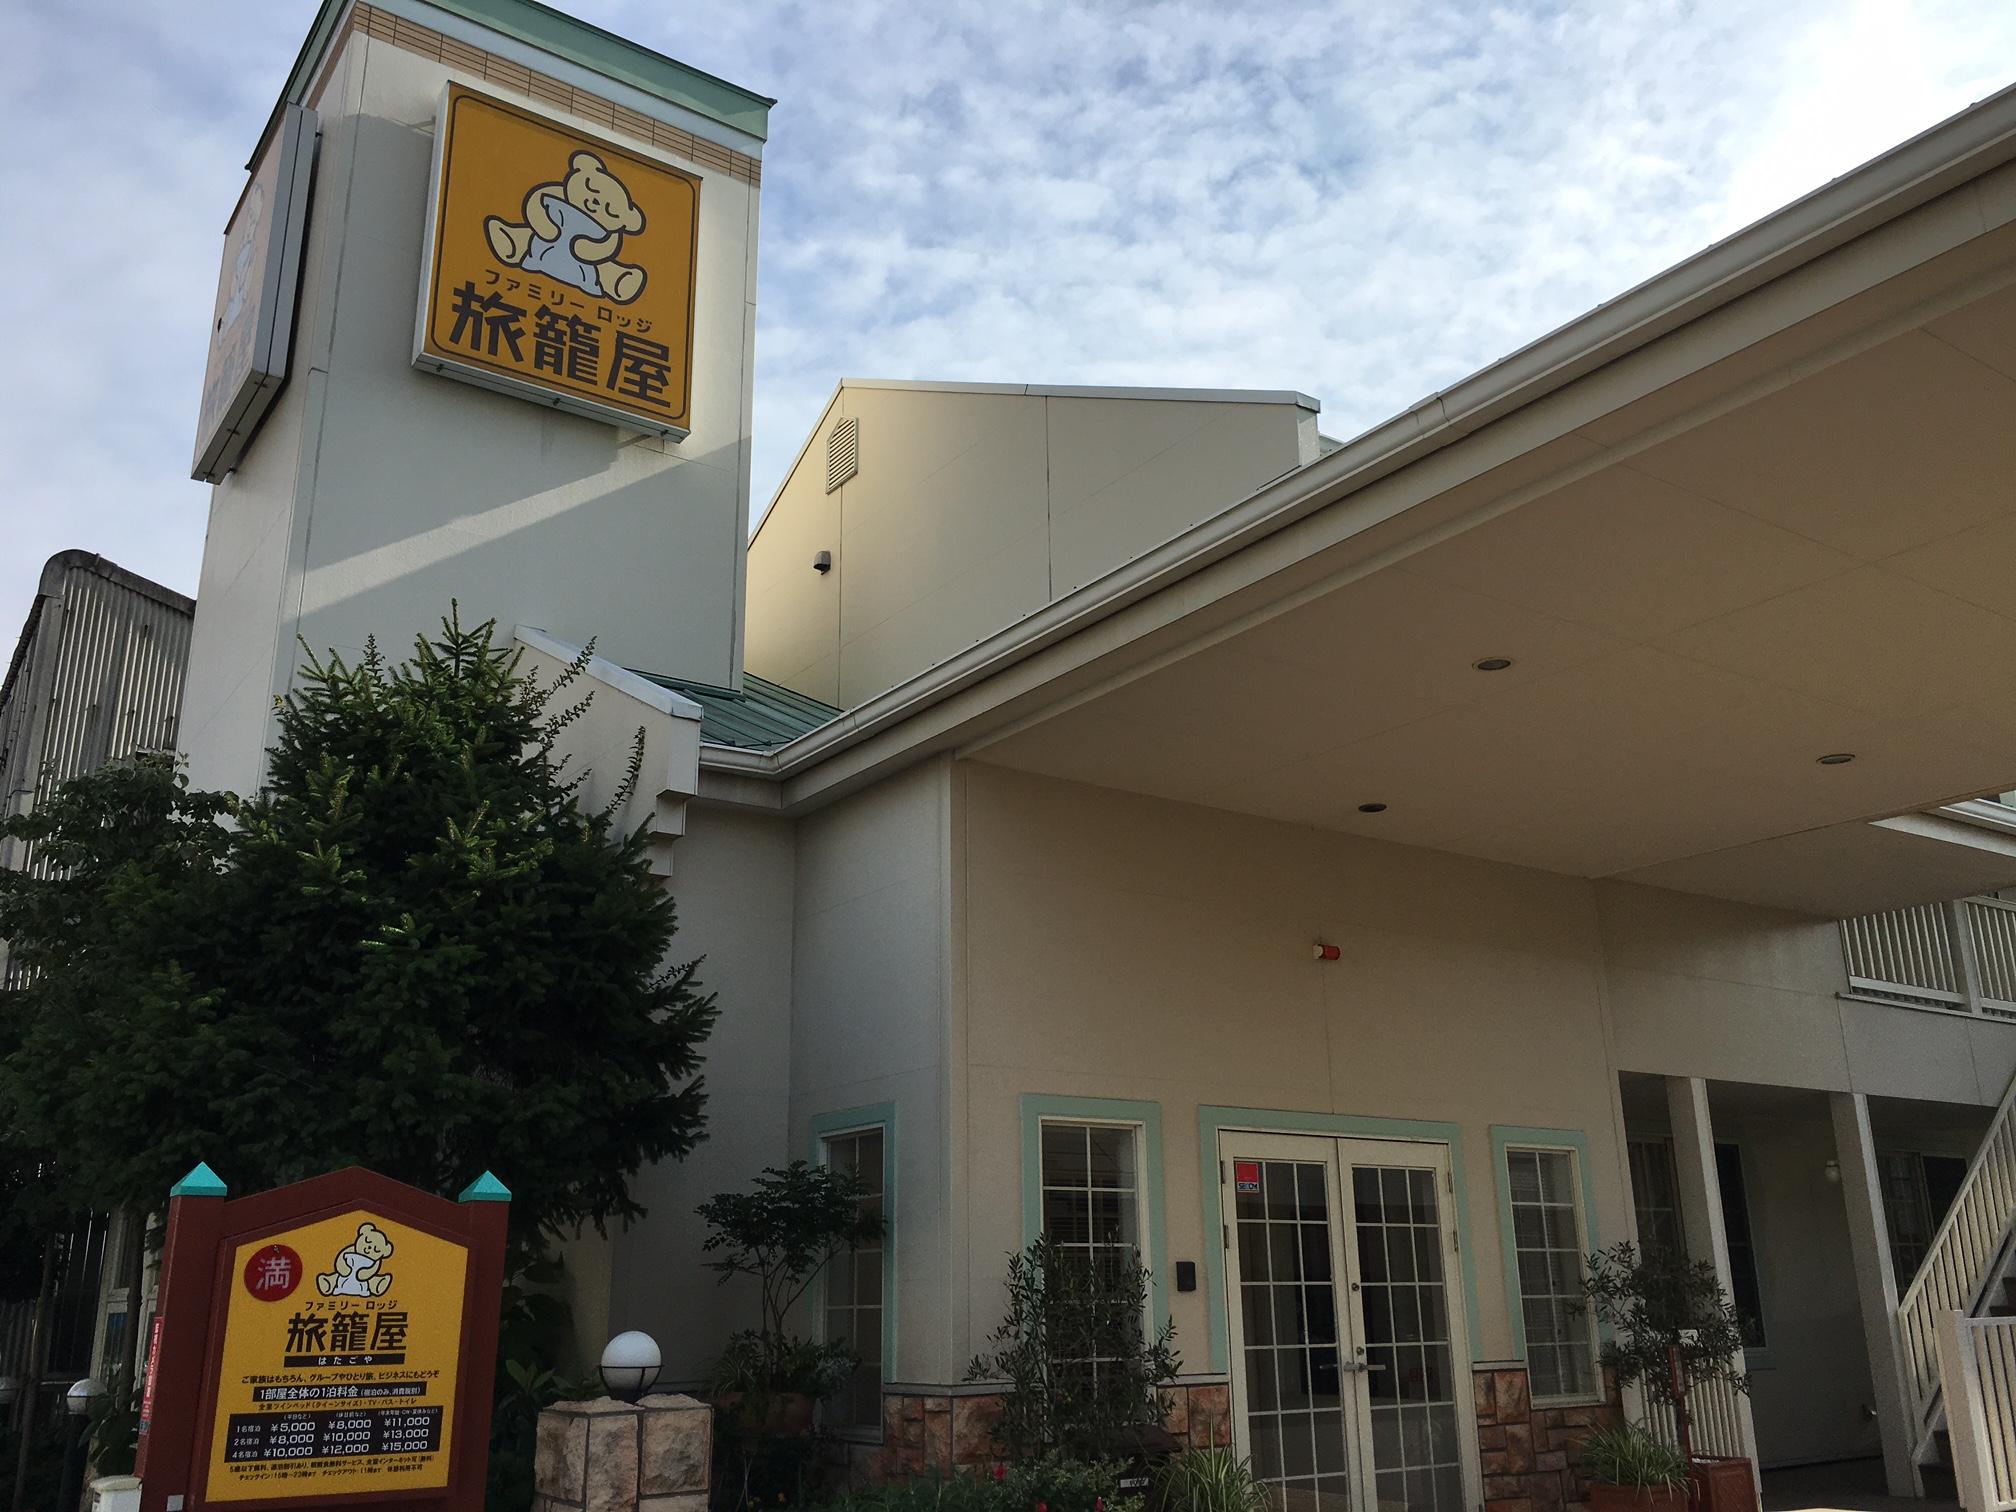 ファミリーロッジ旅籠屋 &VensFort(東京都江東区)